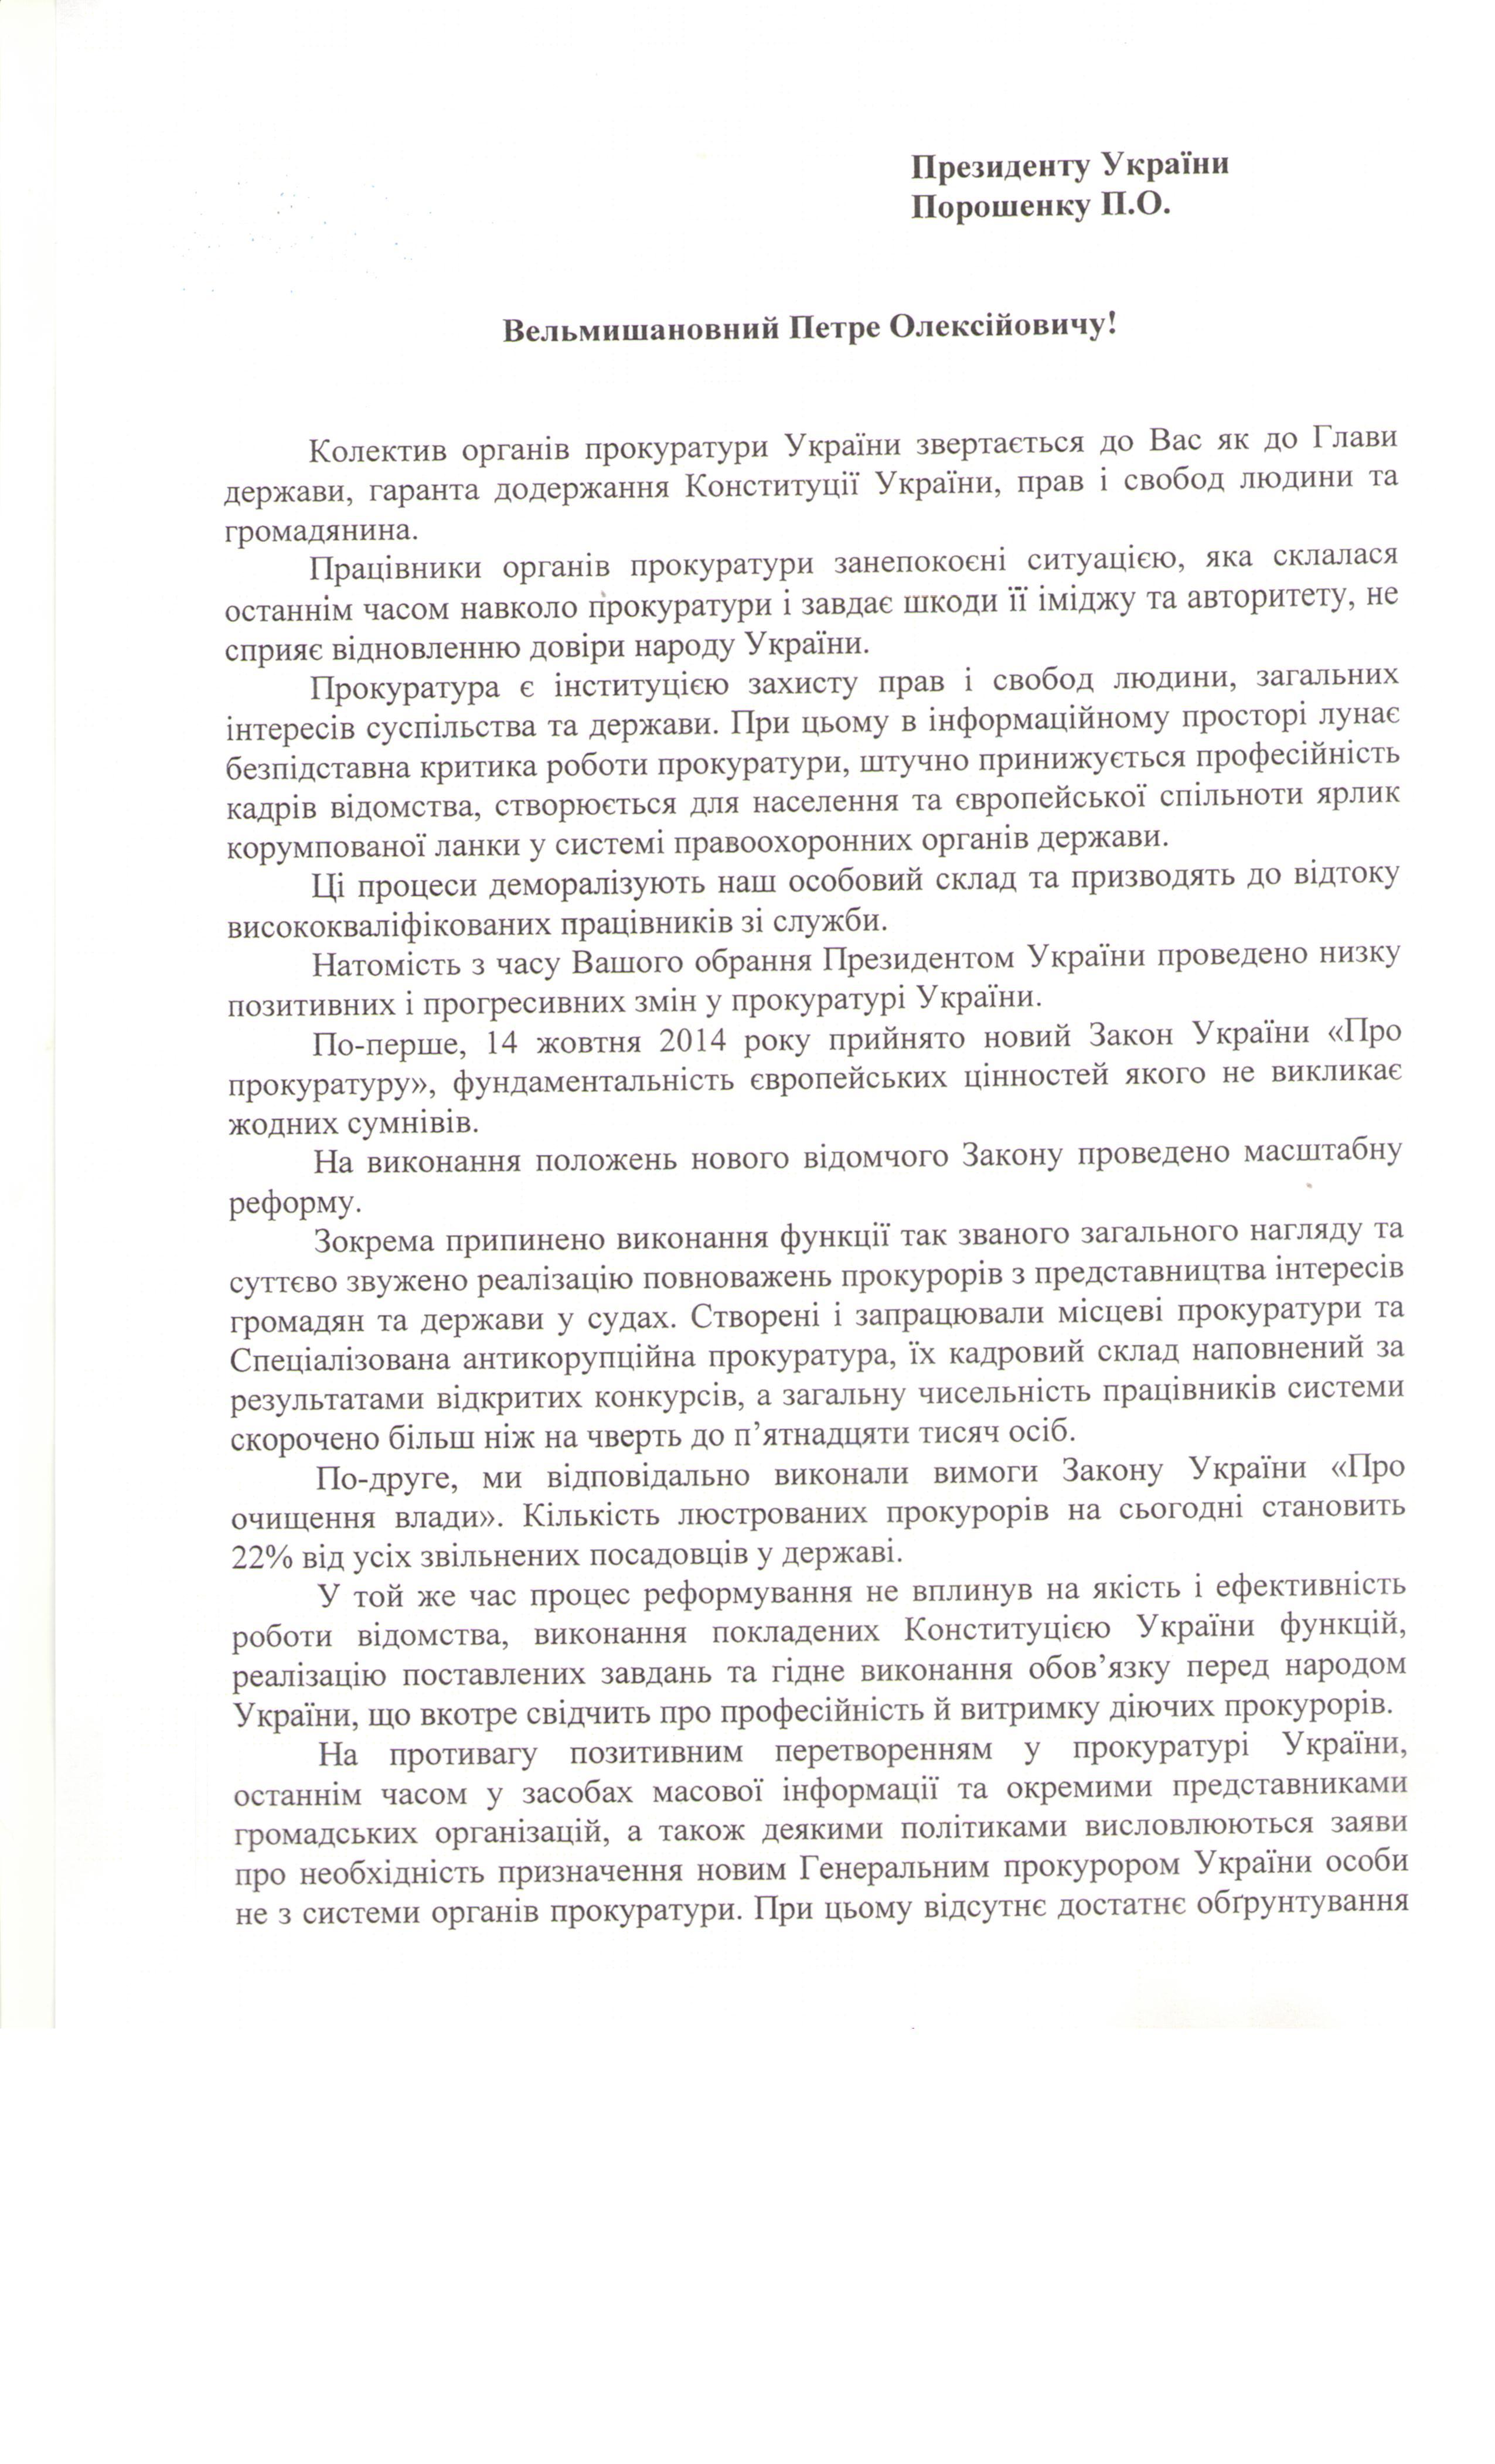 """У ГПУ благають Порошенка не призначати генпрокурором """"людину без досвіду"""" (ДОКУМЕНТ) - фото 1"""